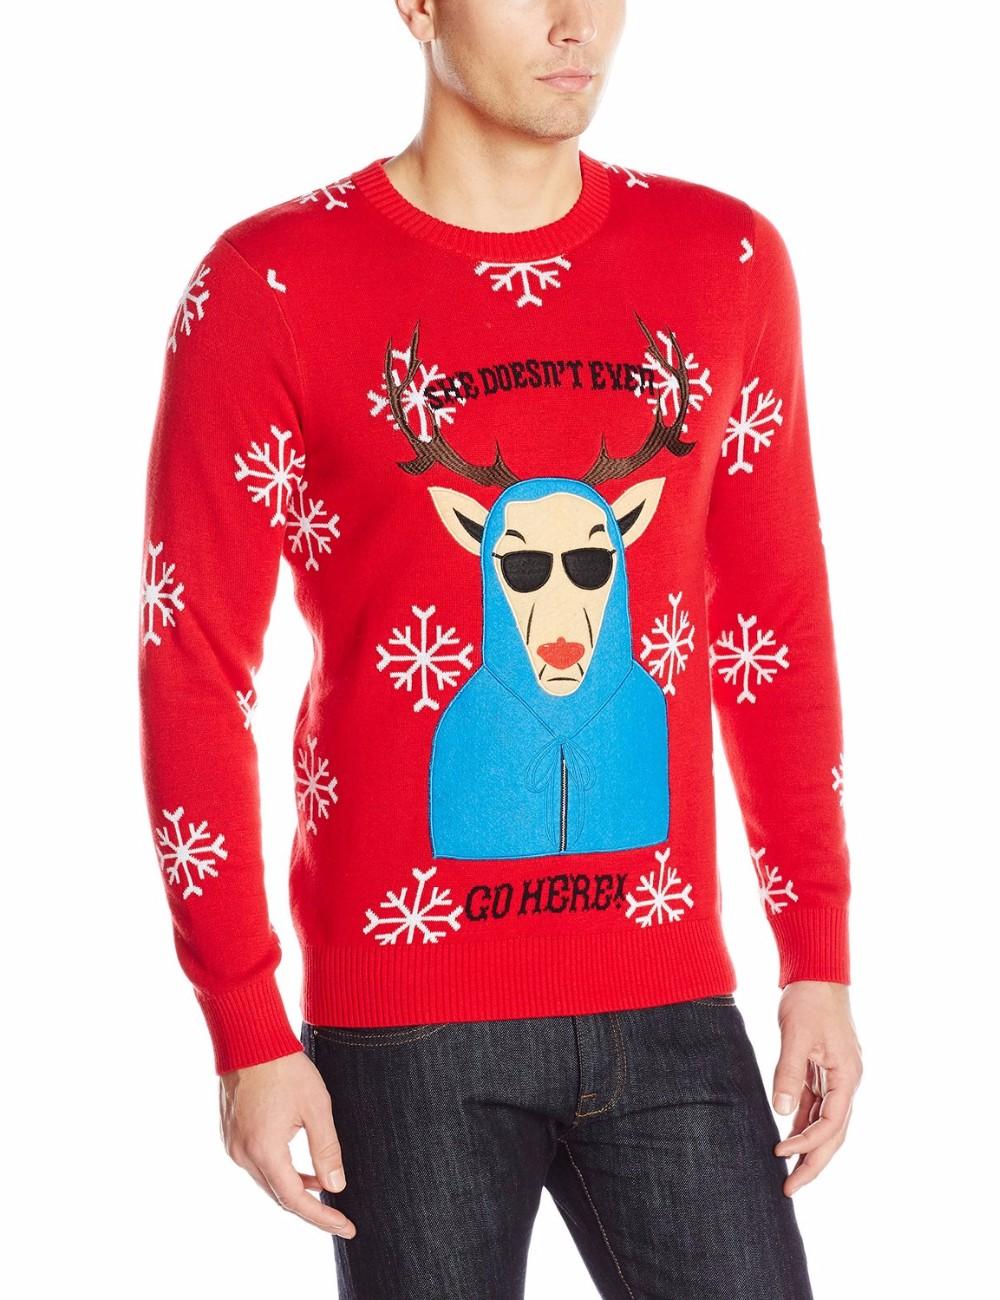 Hombres Suéter Rojo Azul Abrigo Patrón Reno Navidad Puente - Buy ...